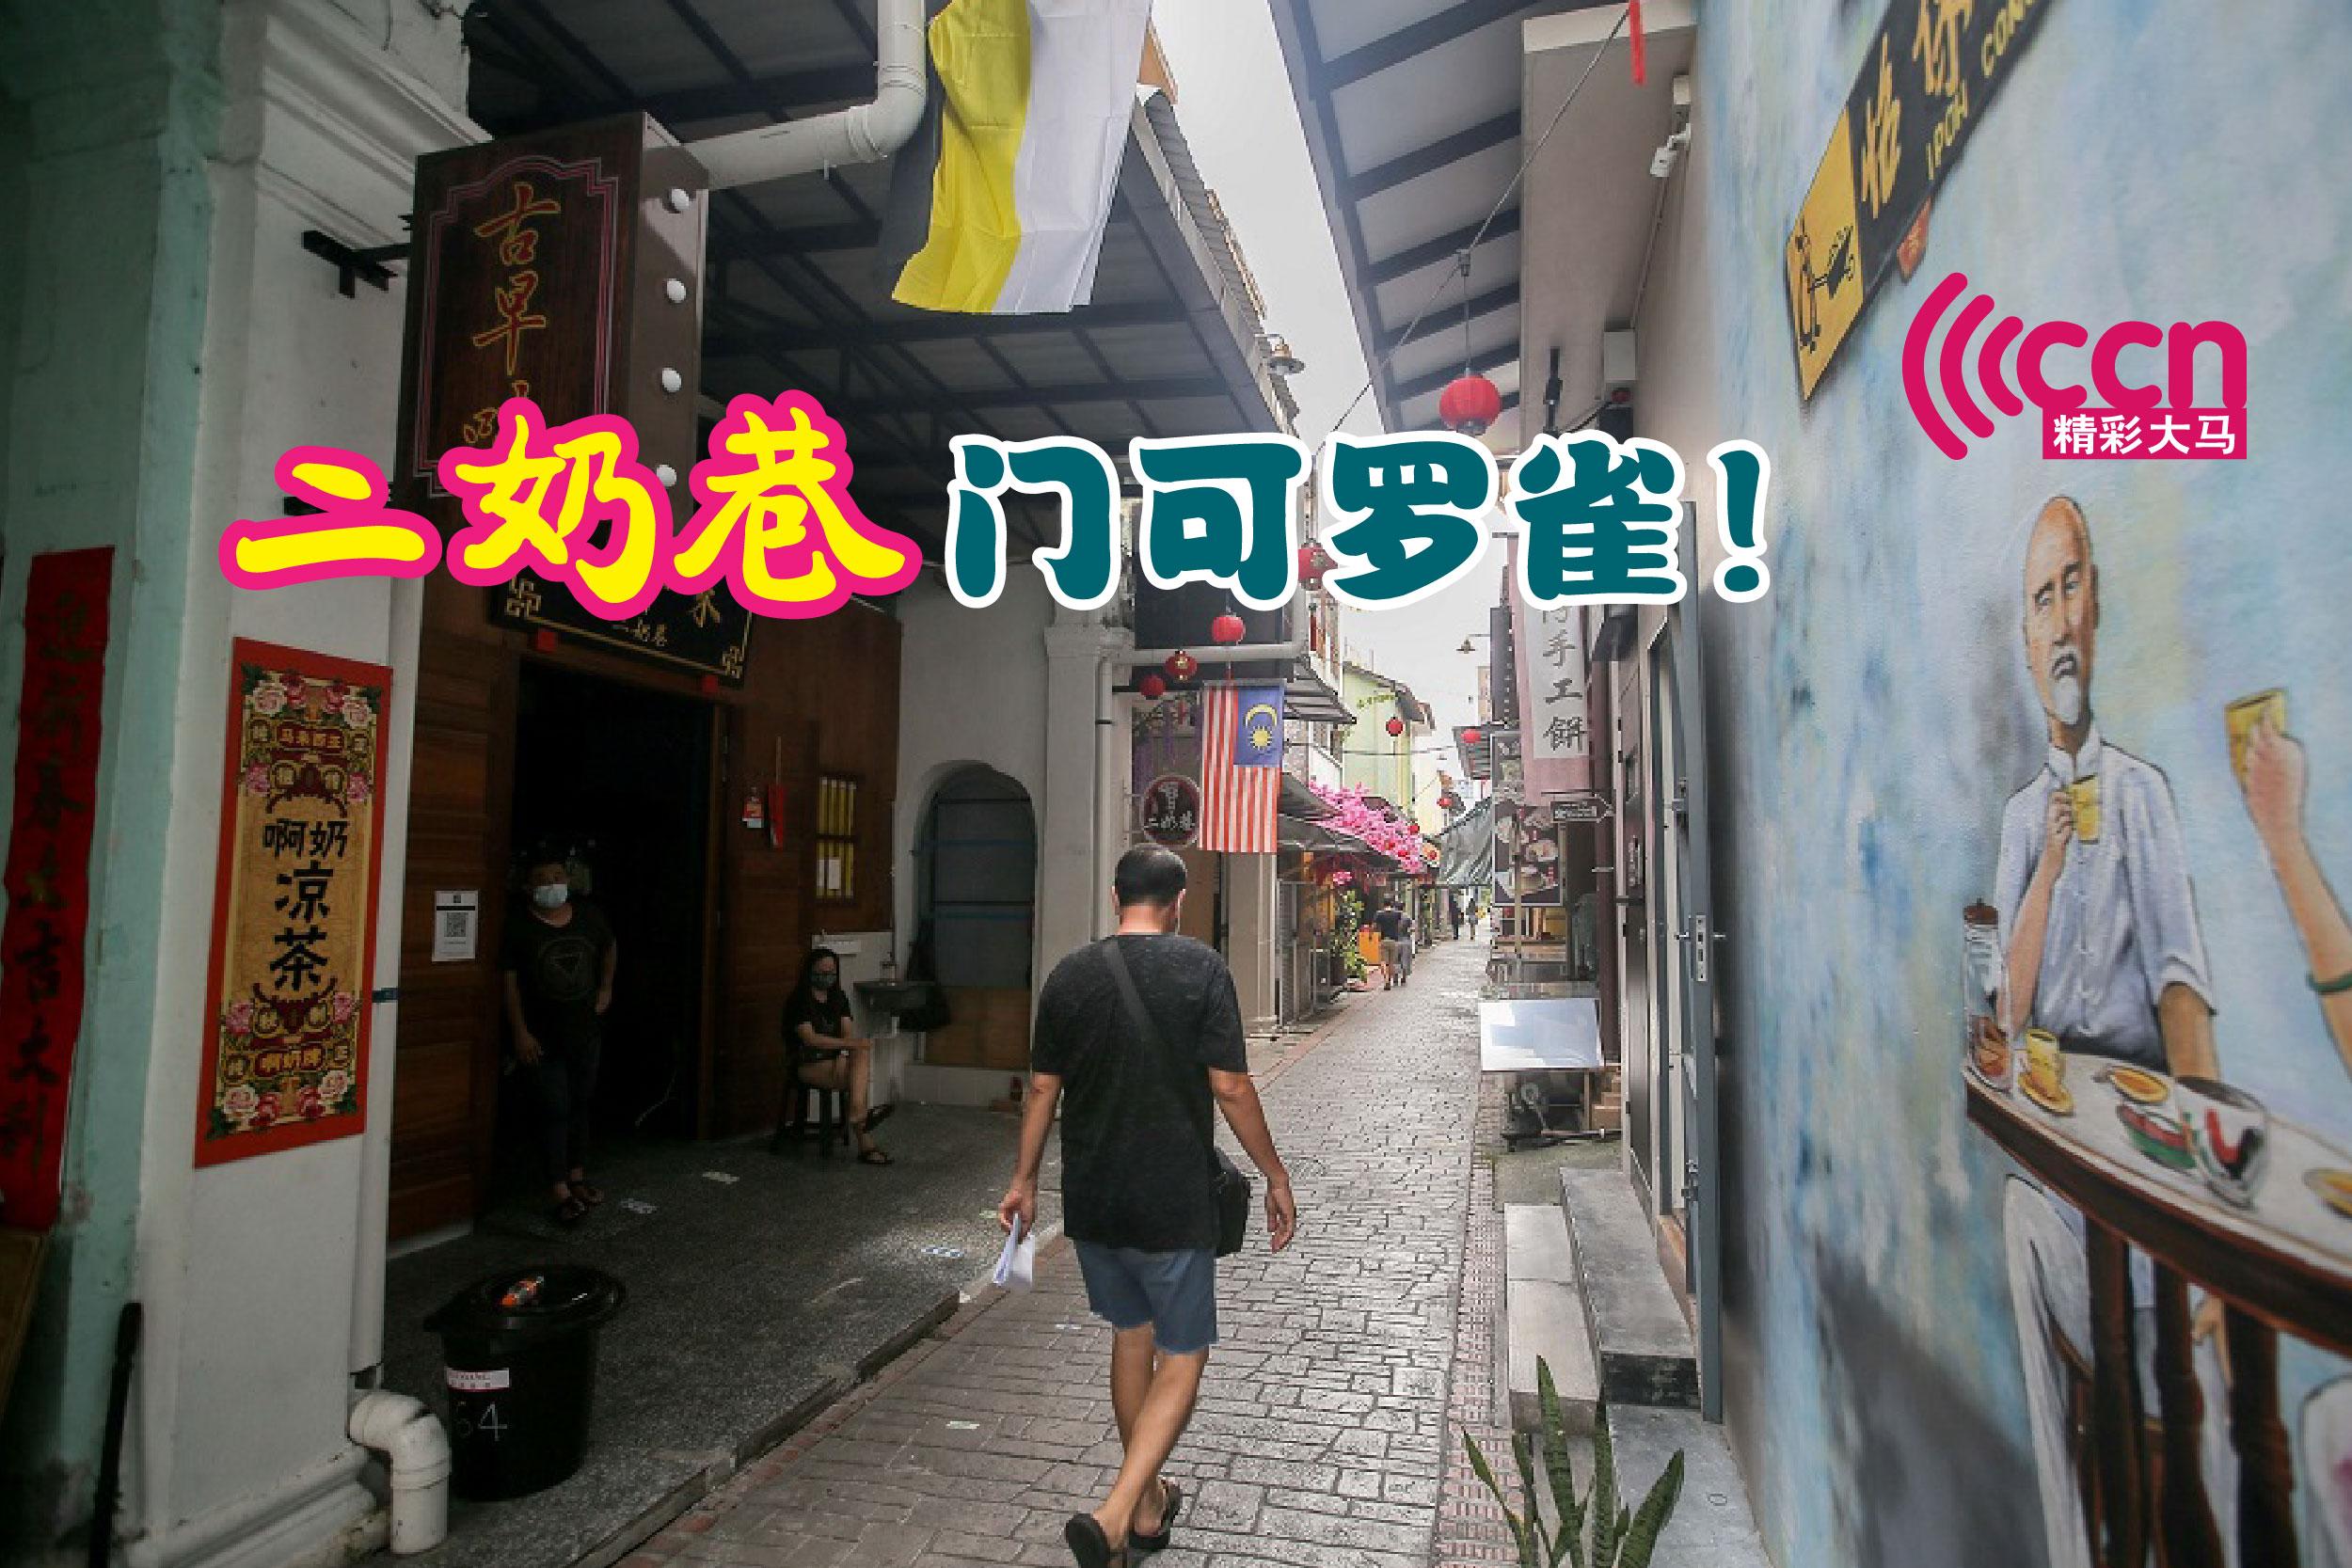 怡保著名景点二奶巷一带的食肆和商店,都处于关闭的情况。-Farhan Najib摄,精彩大马制图-